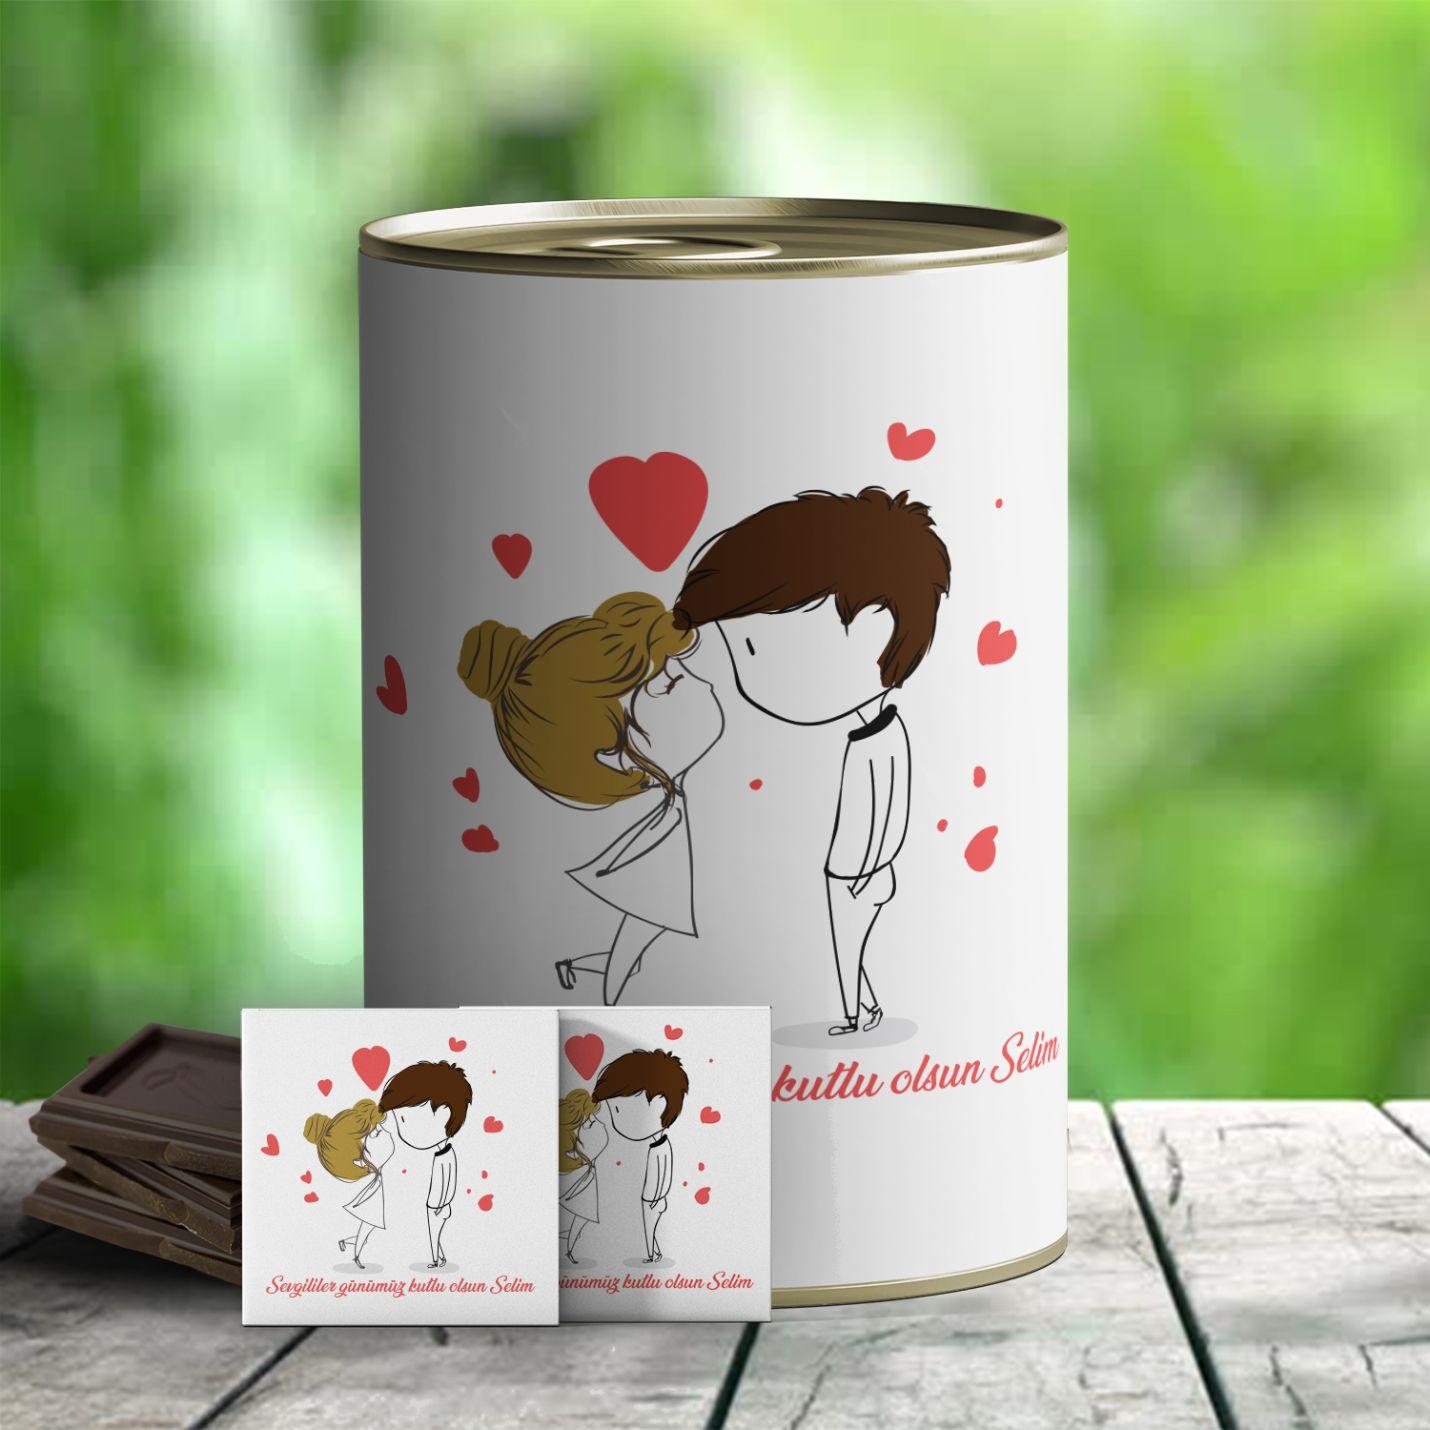 İsim Yazılı Sevgiliye Hediye Çikolata Konservesi